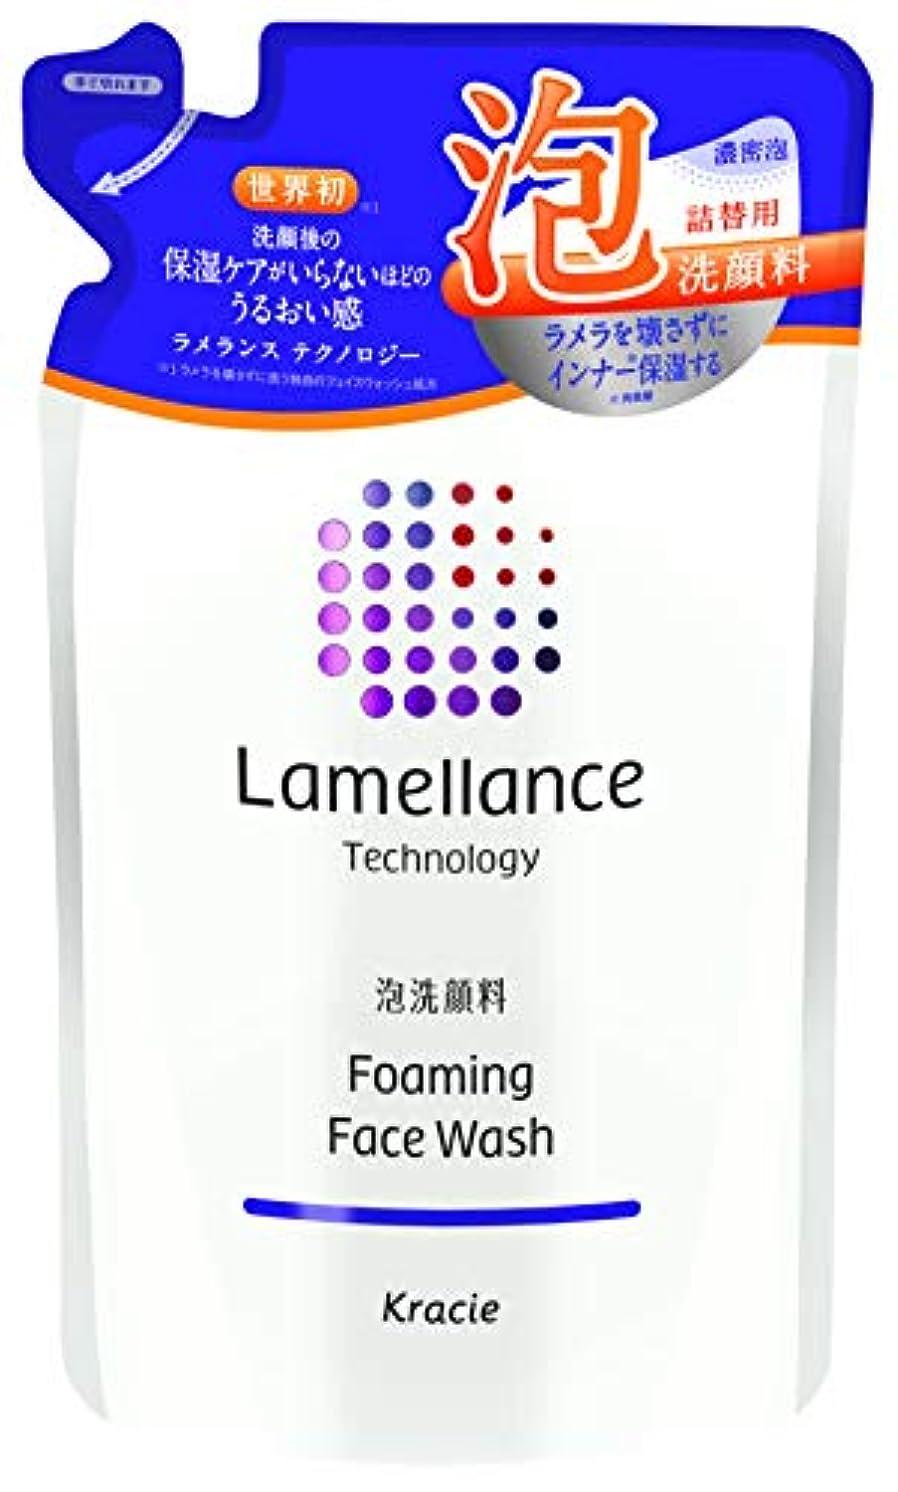 帽子好きである直立ラメランス 泡フェイスウォッシュ詰替140mL(透明感のあるホワイトフローラルの香り) 角質層のラメラを濃密泡で包み込みしっとり泡洗顔